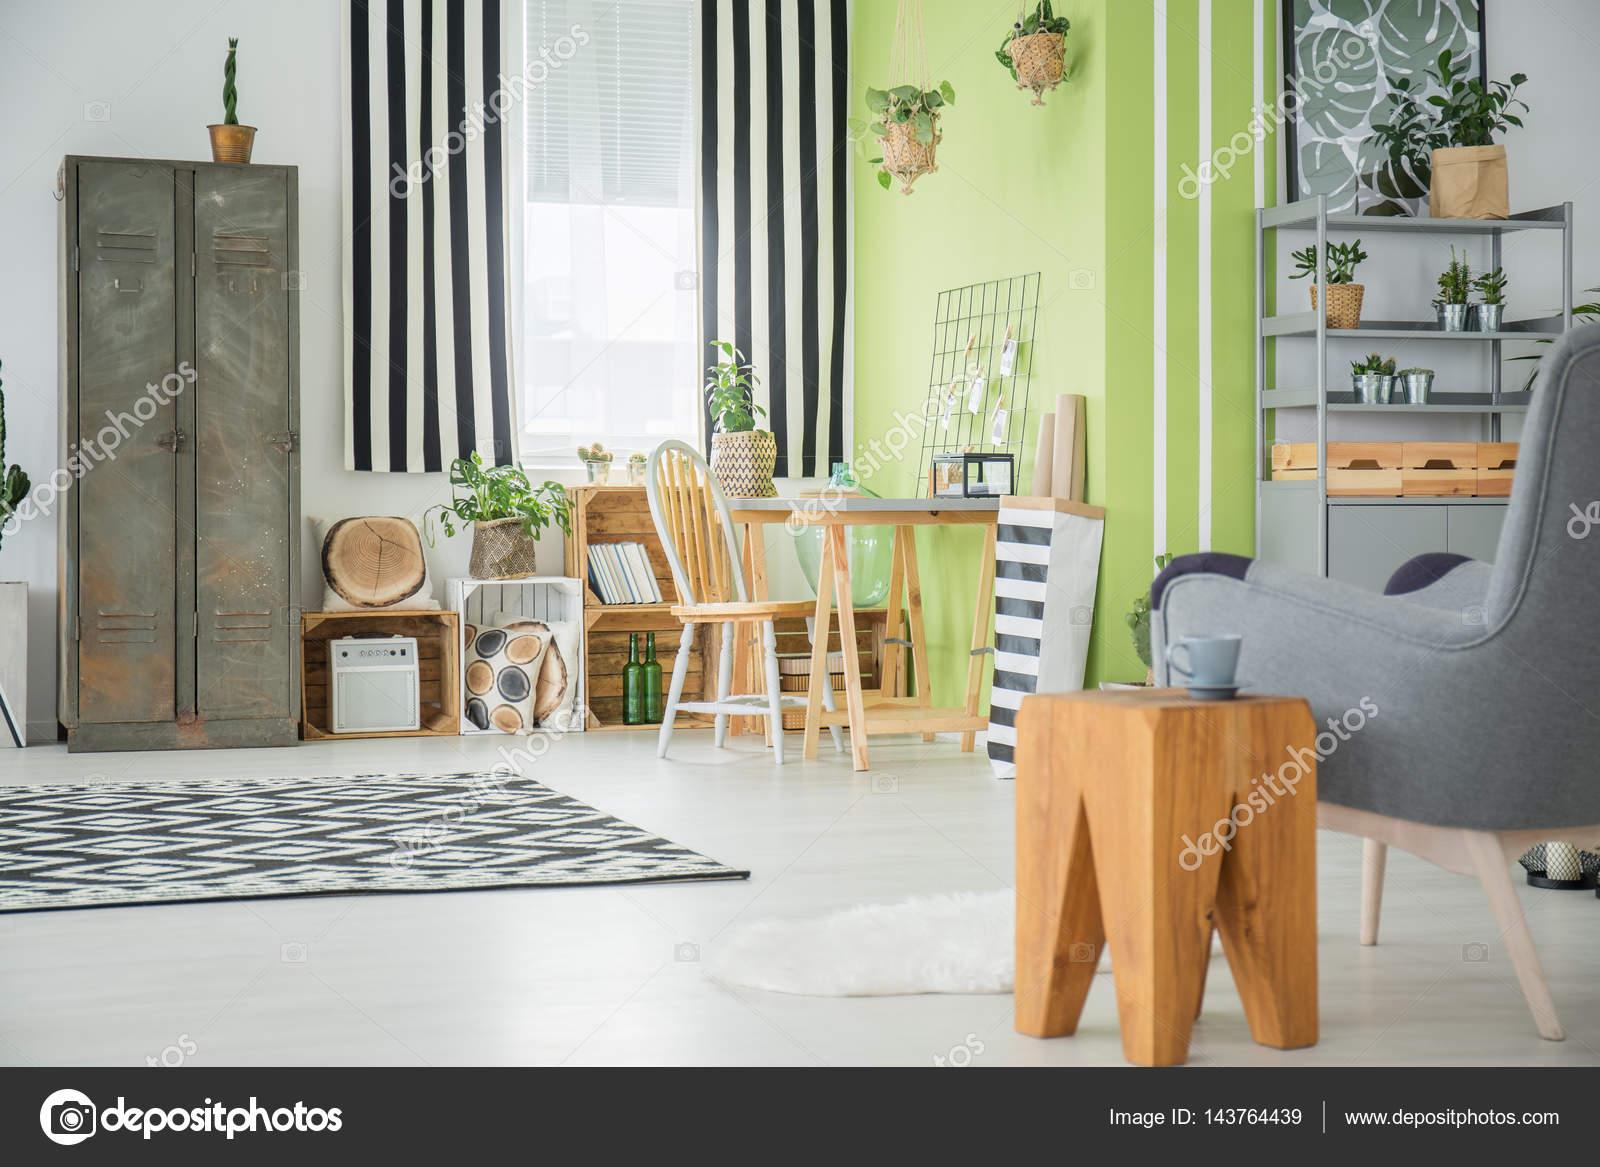 Licht appartement met oude kledingkast u stockfoto photographee